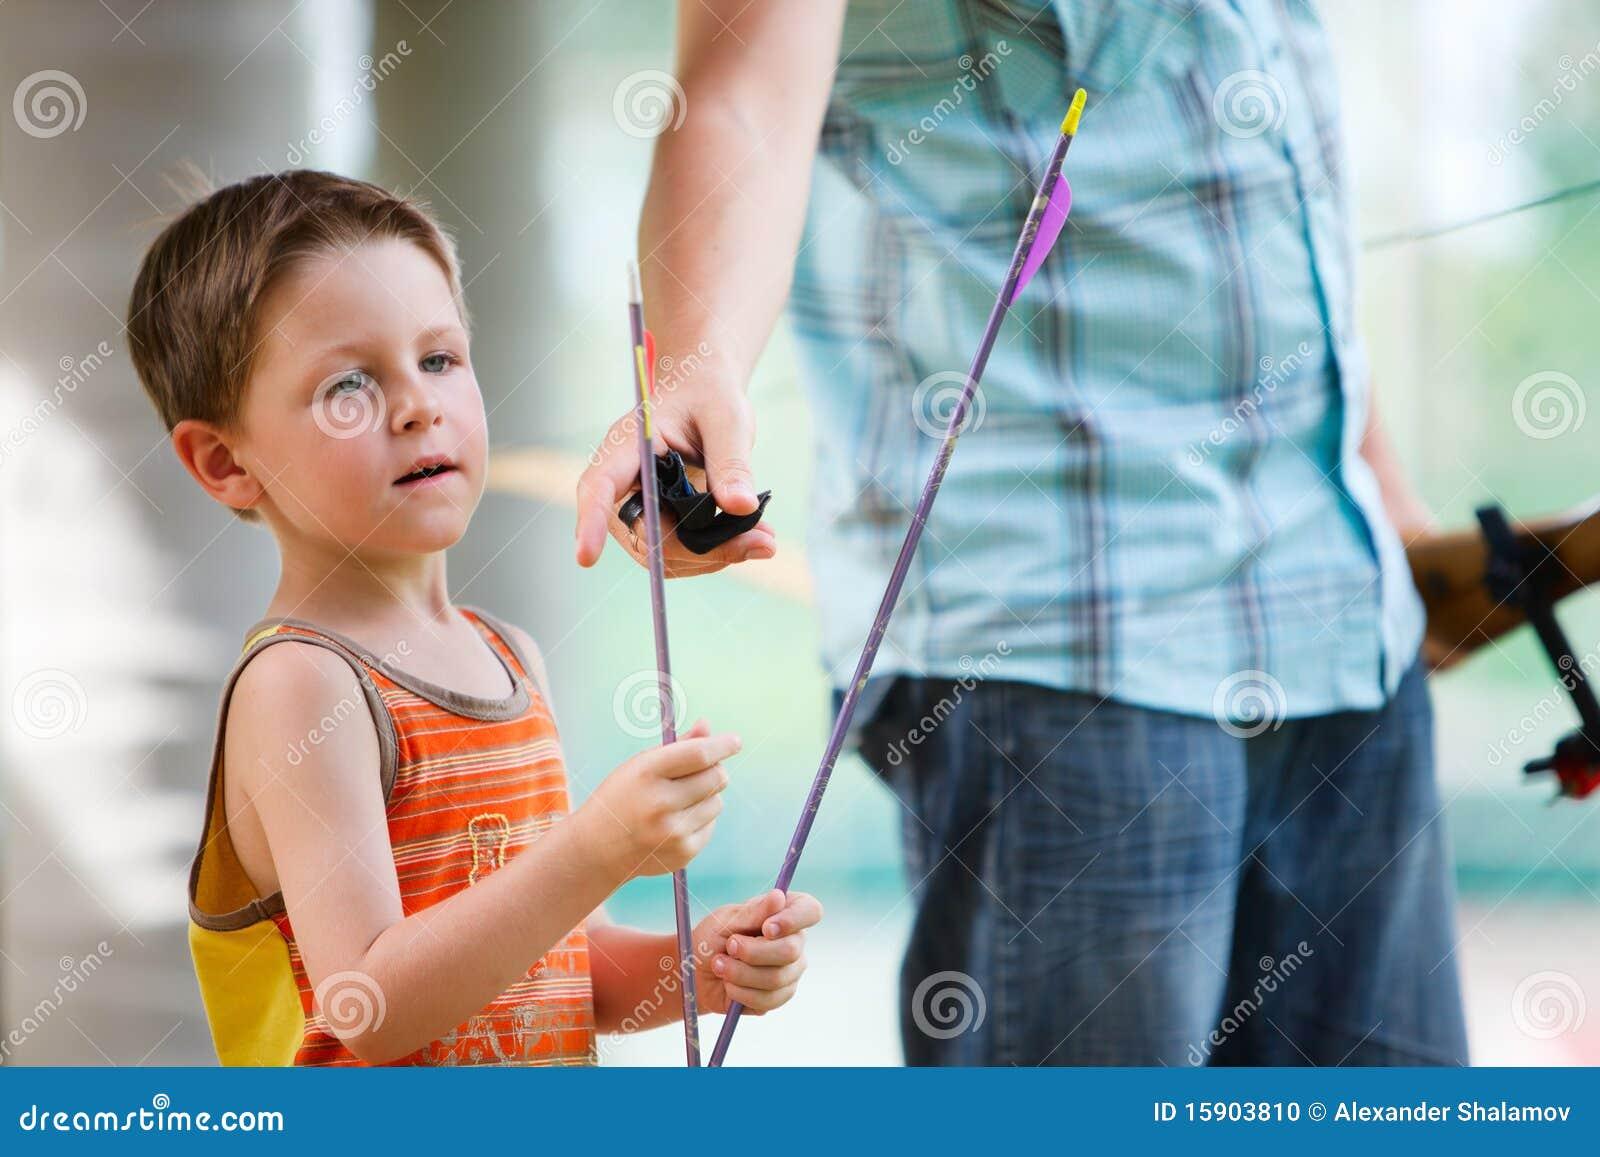 Boy with archery arrows